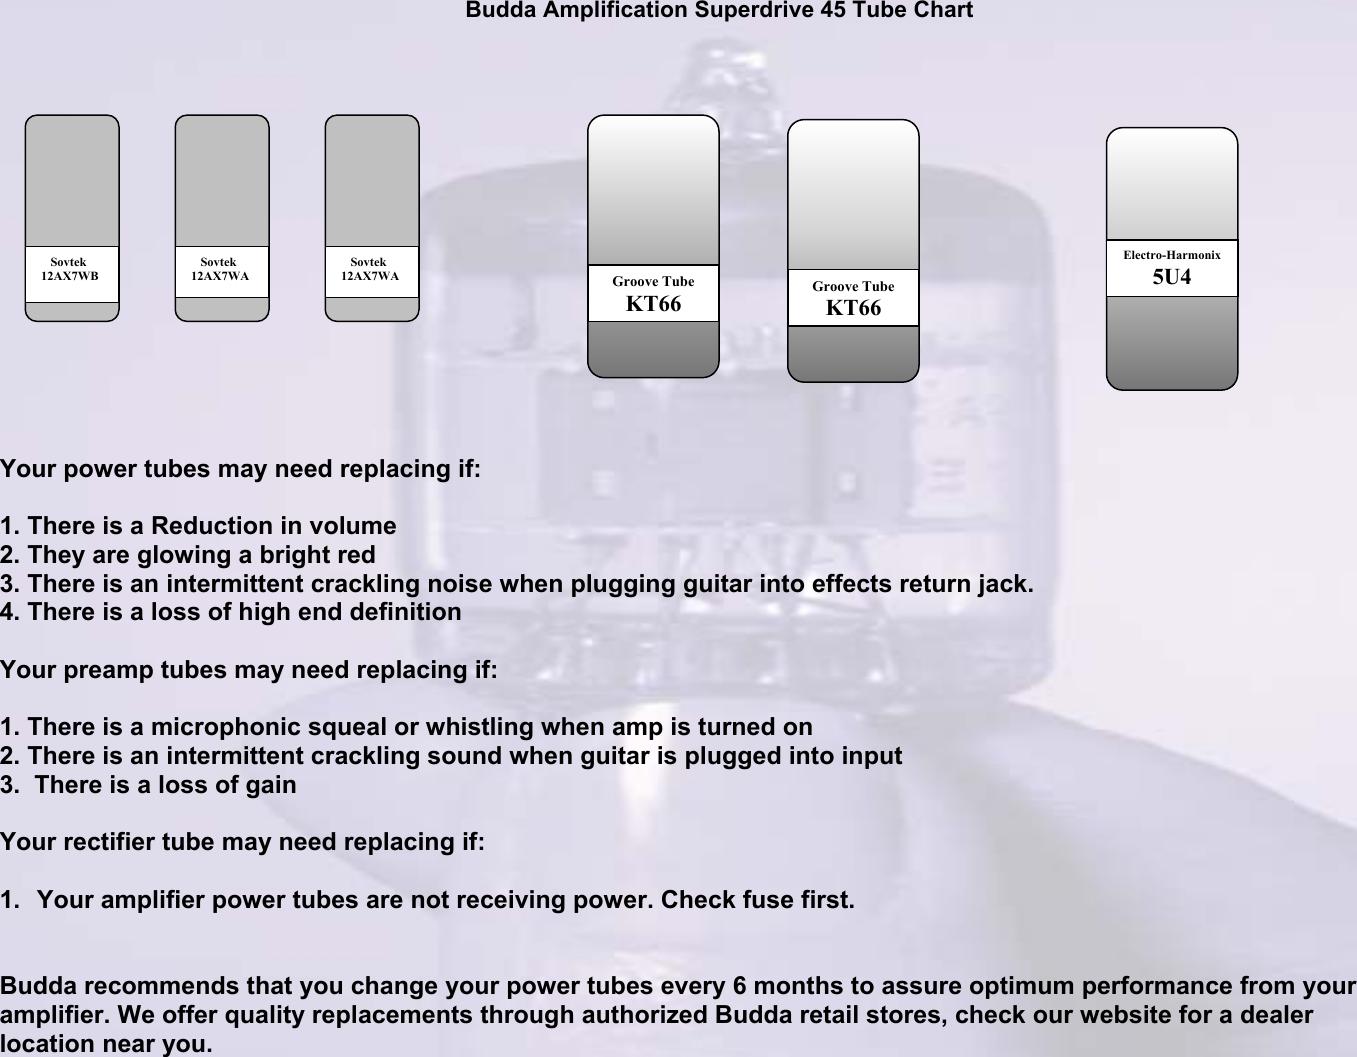 Budda 12Ax7Wb Users Manual Superdrive Series II Tube Chart